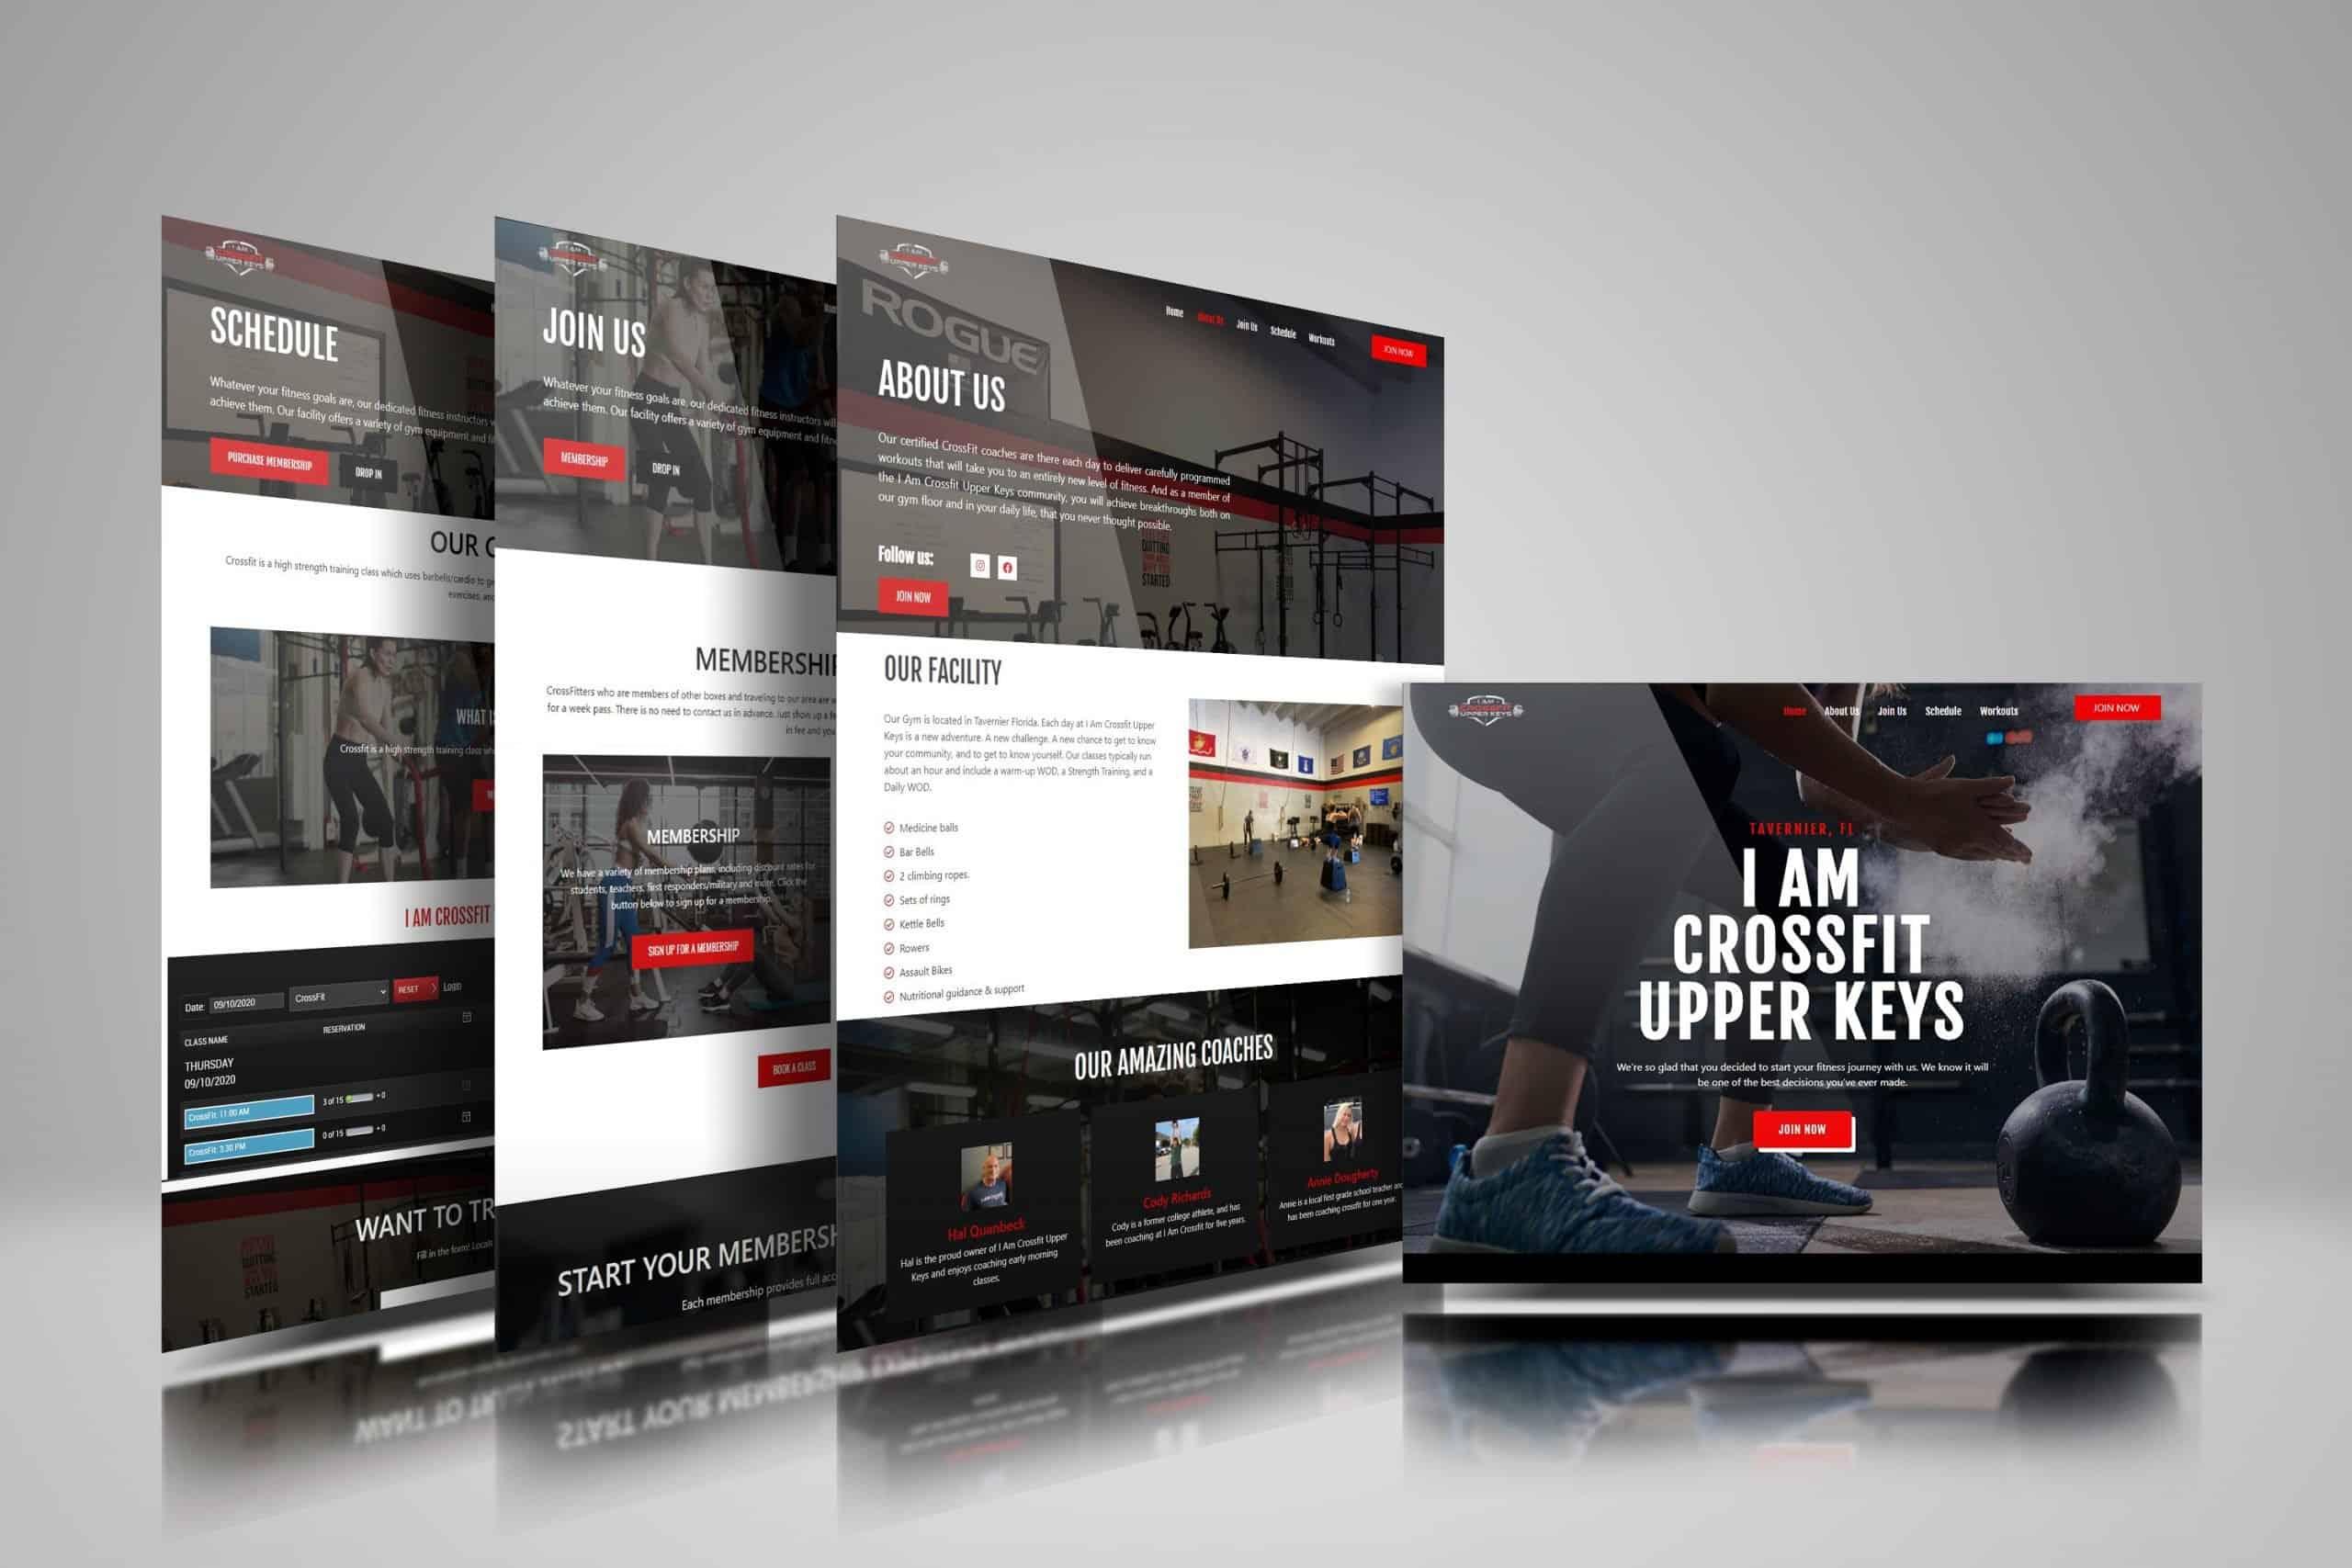 I Am Crossfit Upper Keys Website